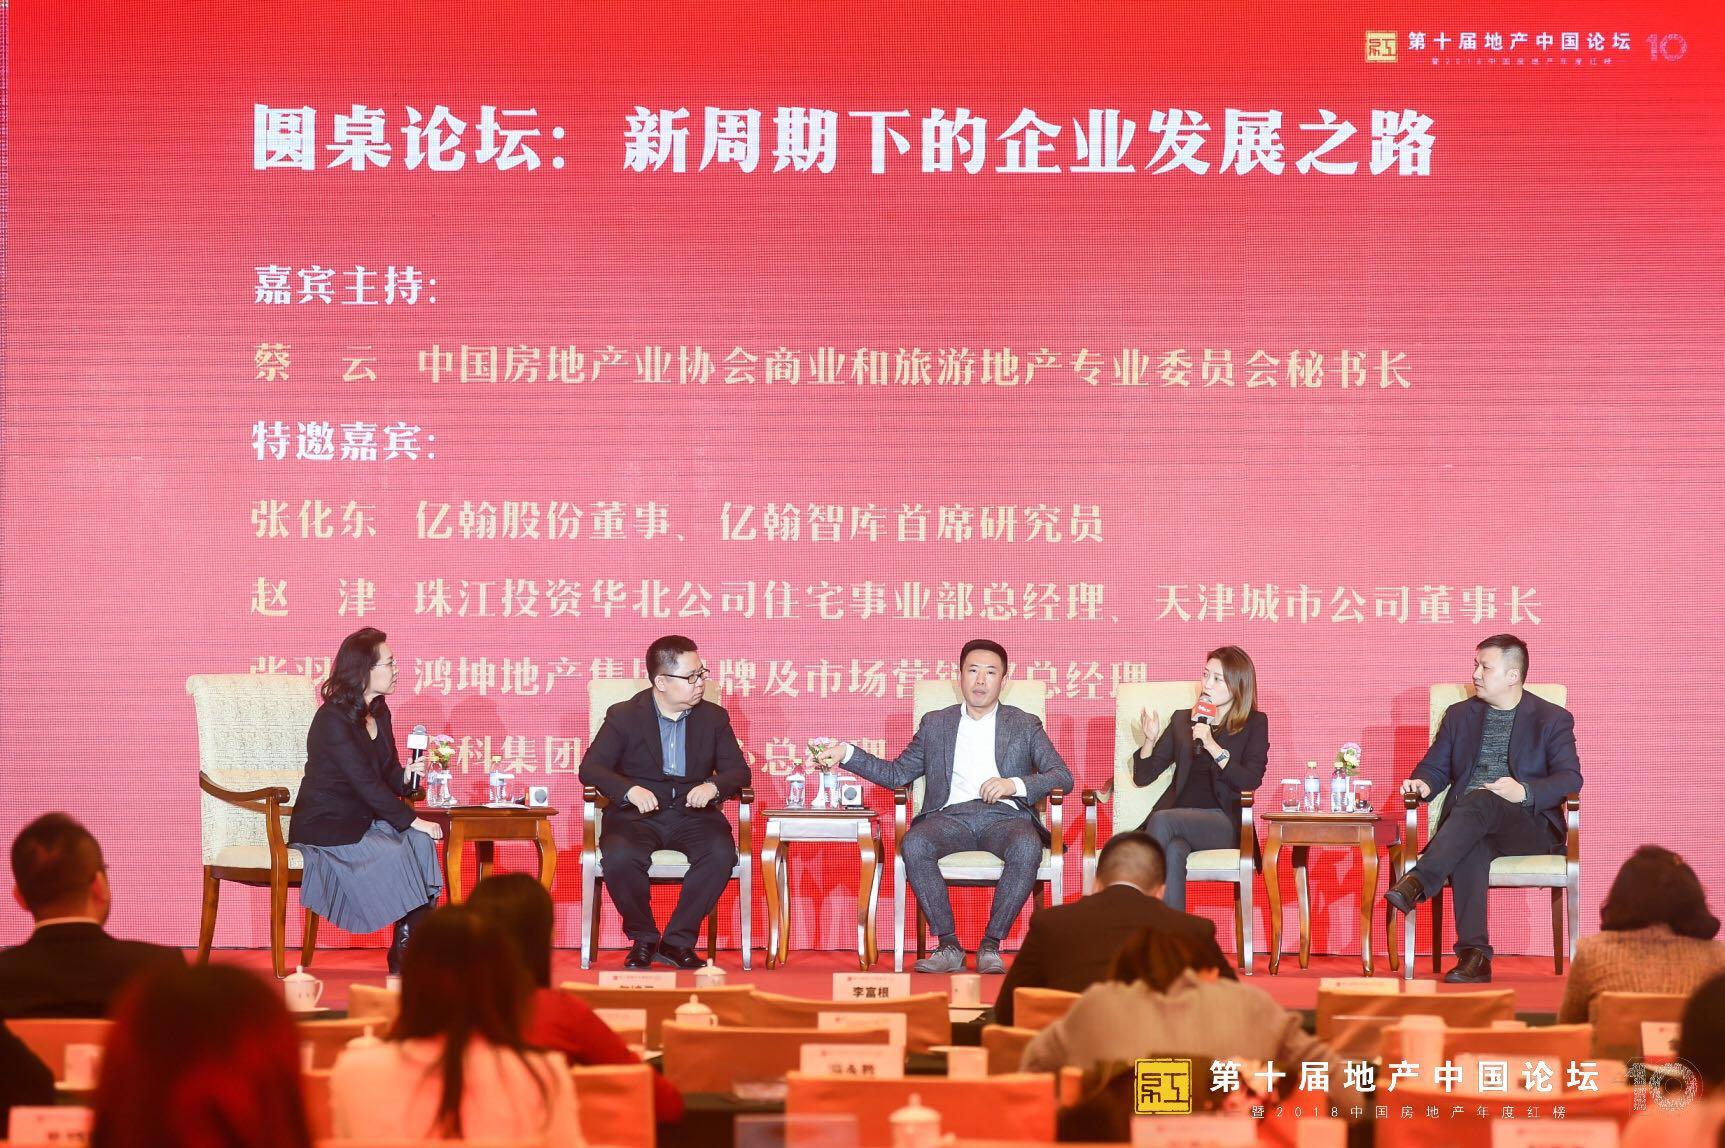 房企如何在区域分化中捕捉新的发展机遇?-中国网地产